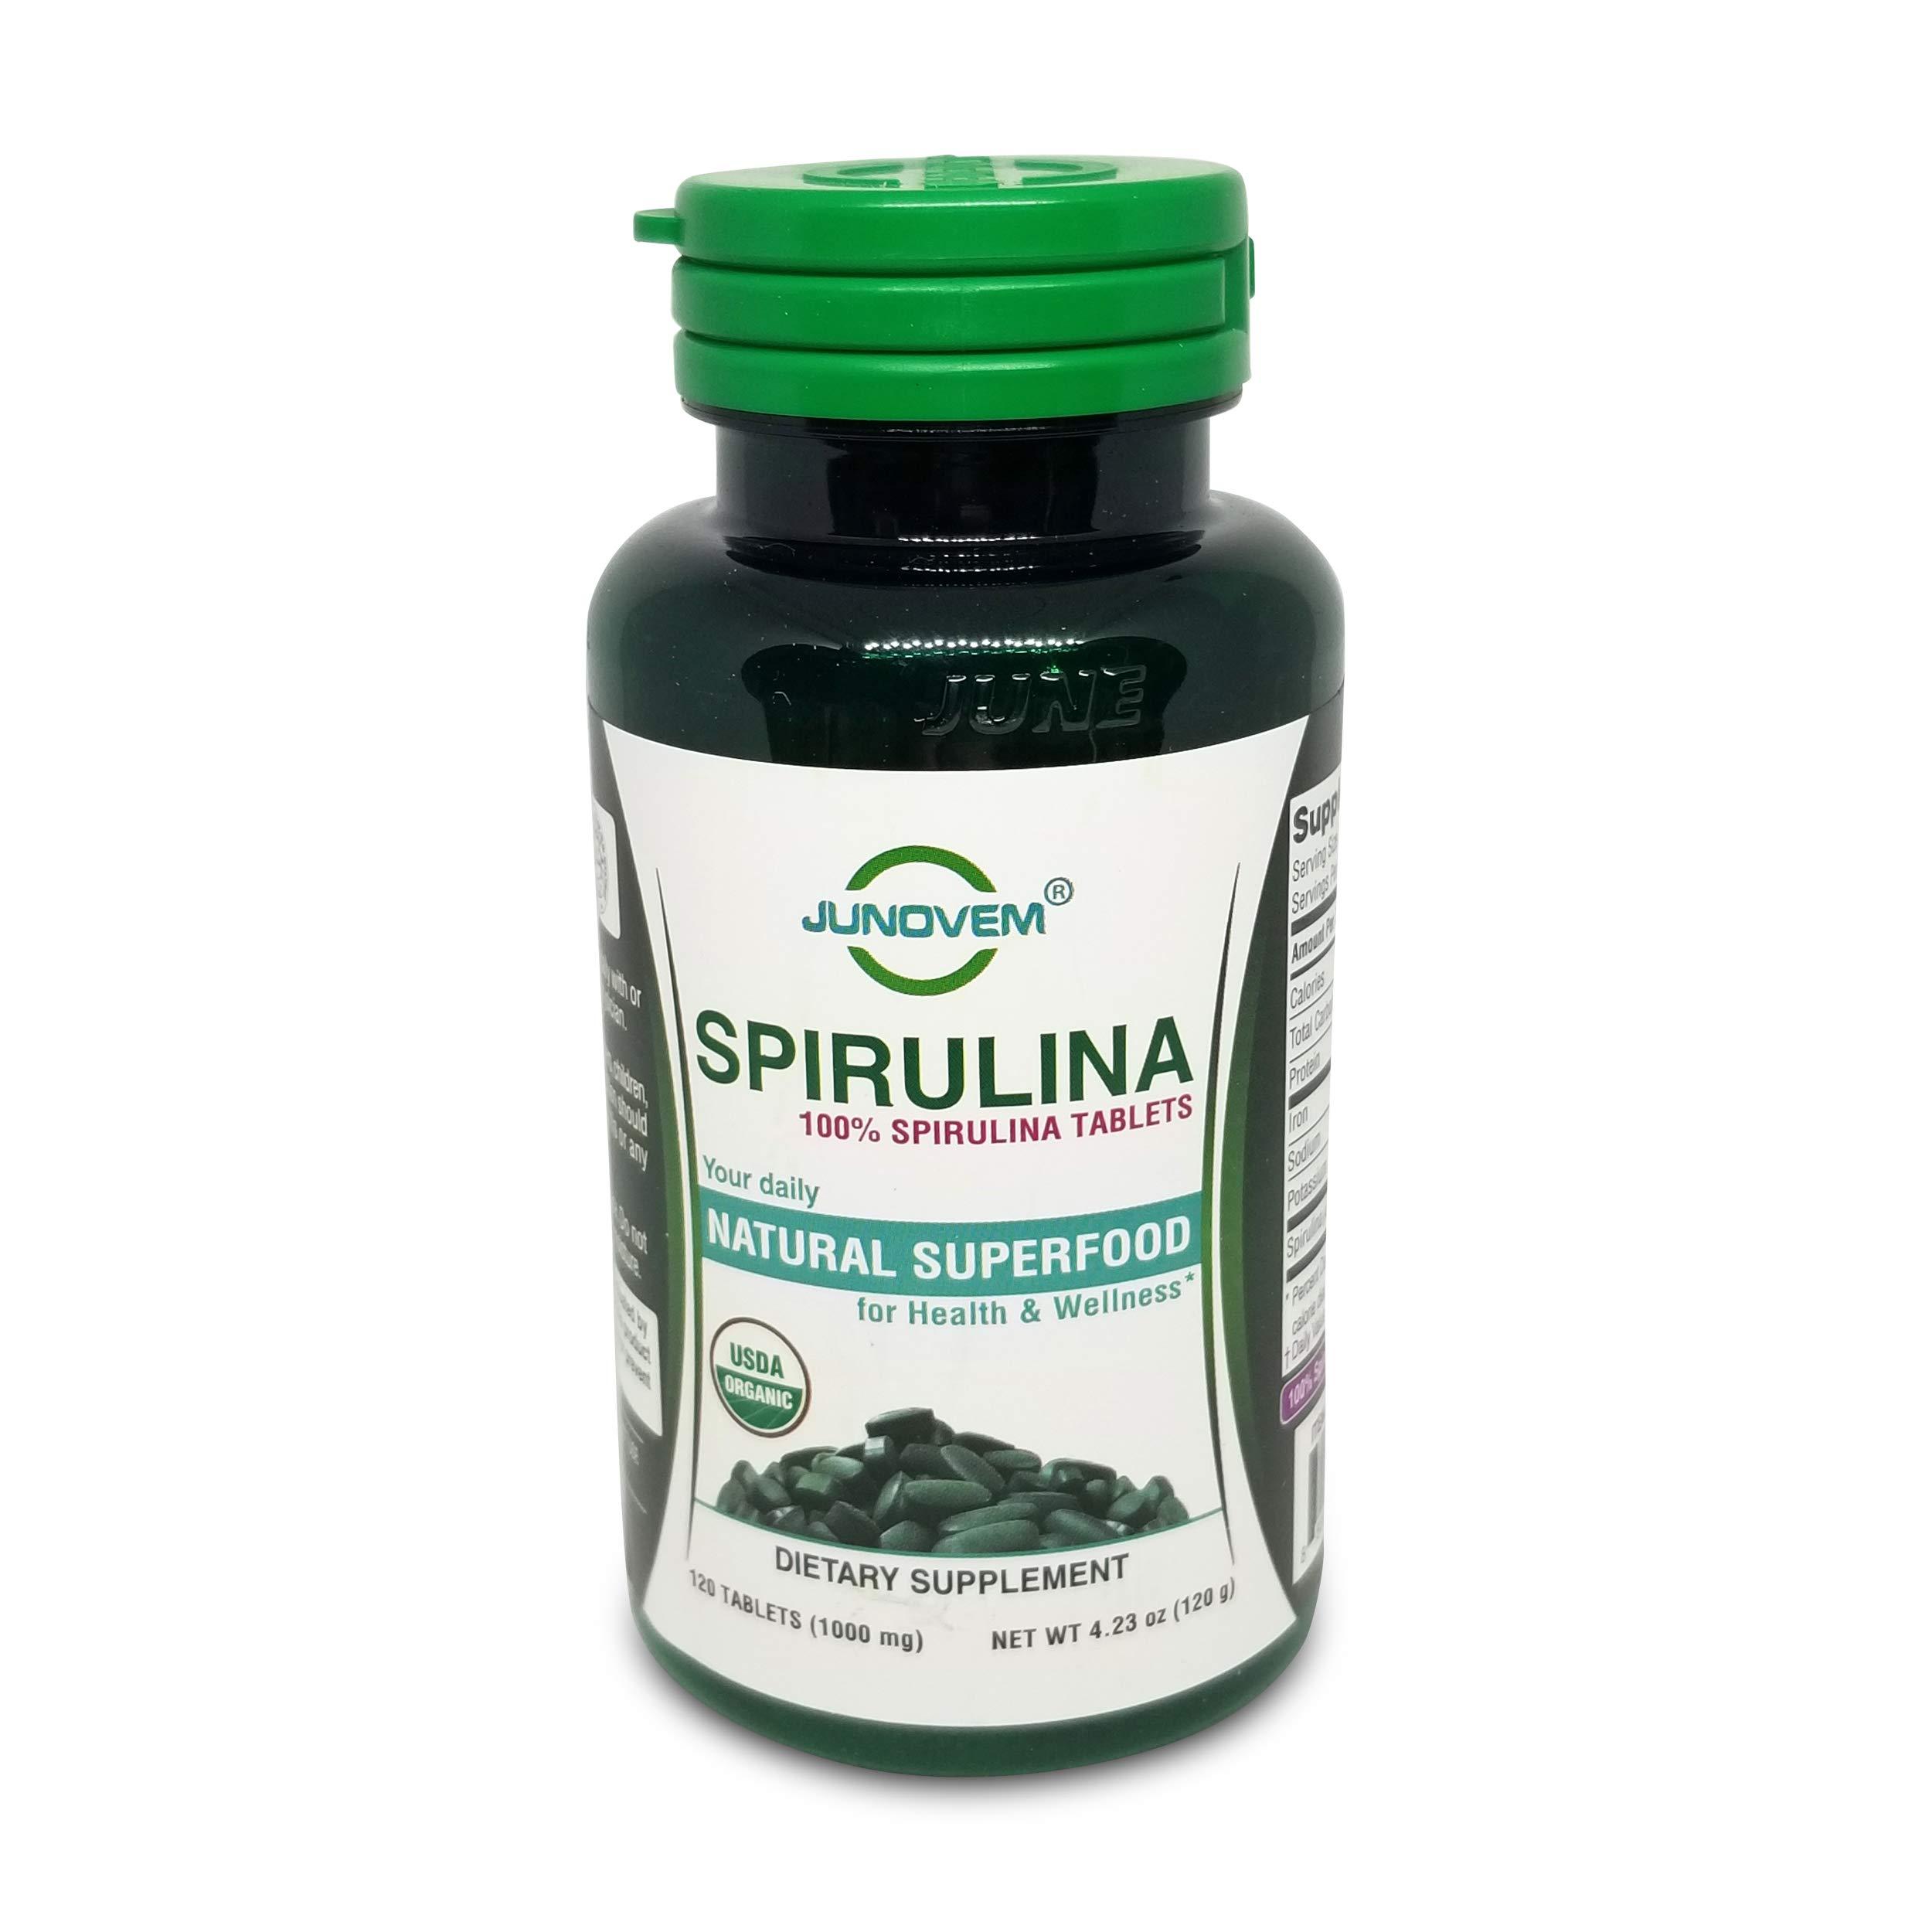 JUNOVEM 500 mg or 1000 mg Organic 100% Spirulina Tablets Natural Superfood Non-GMO (1000 mg x 120 Count)